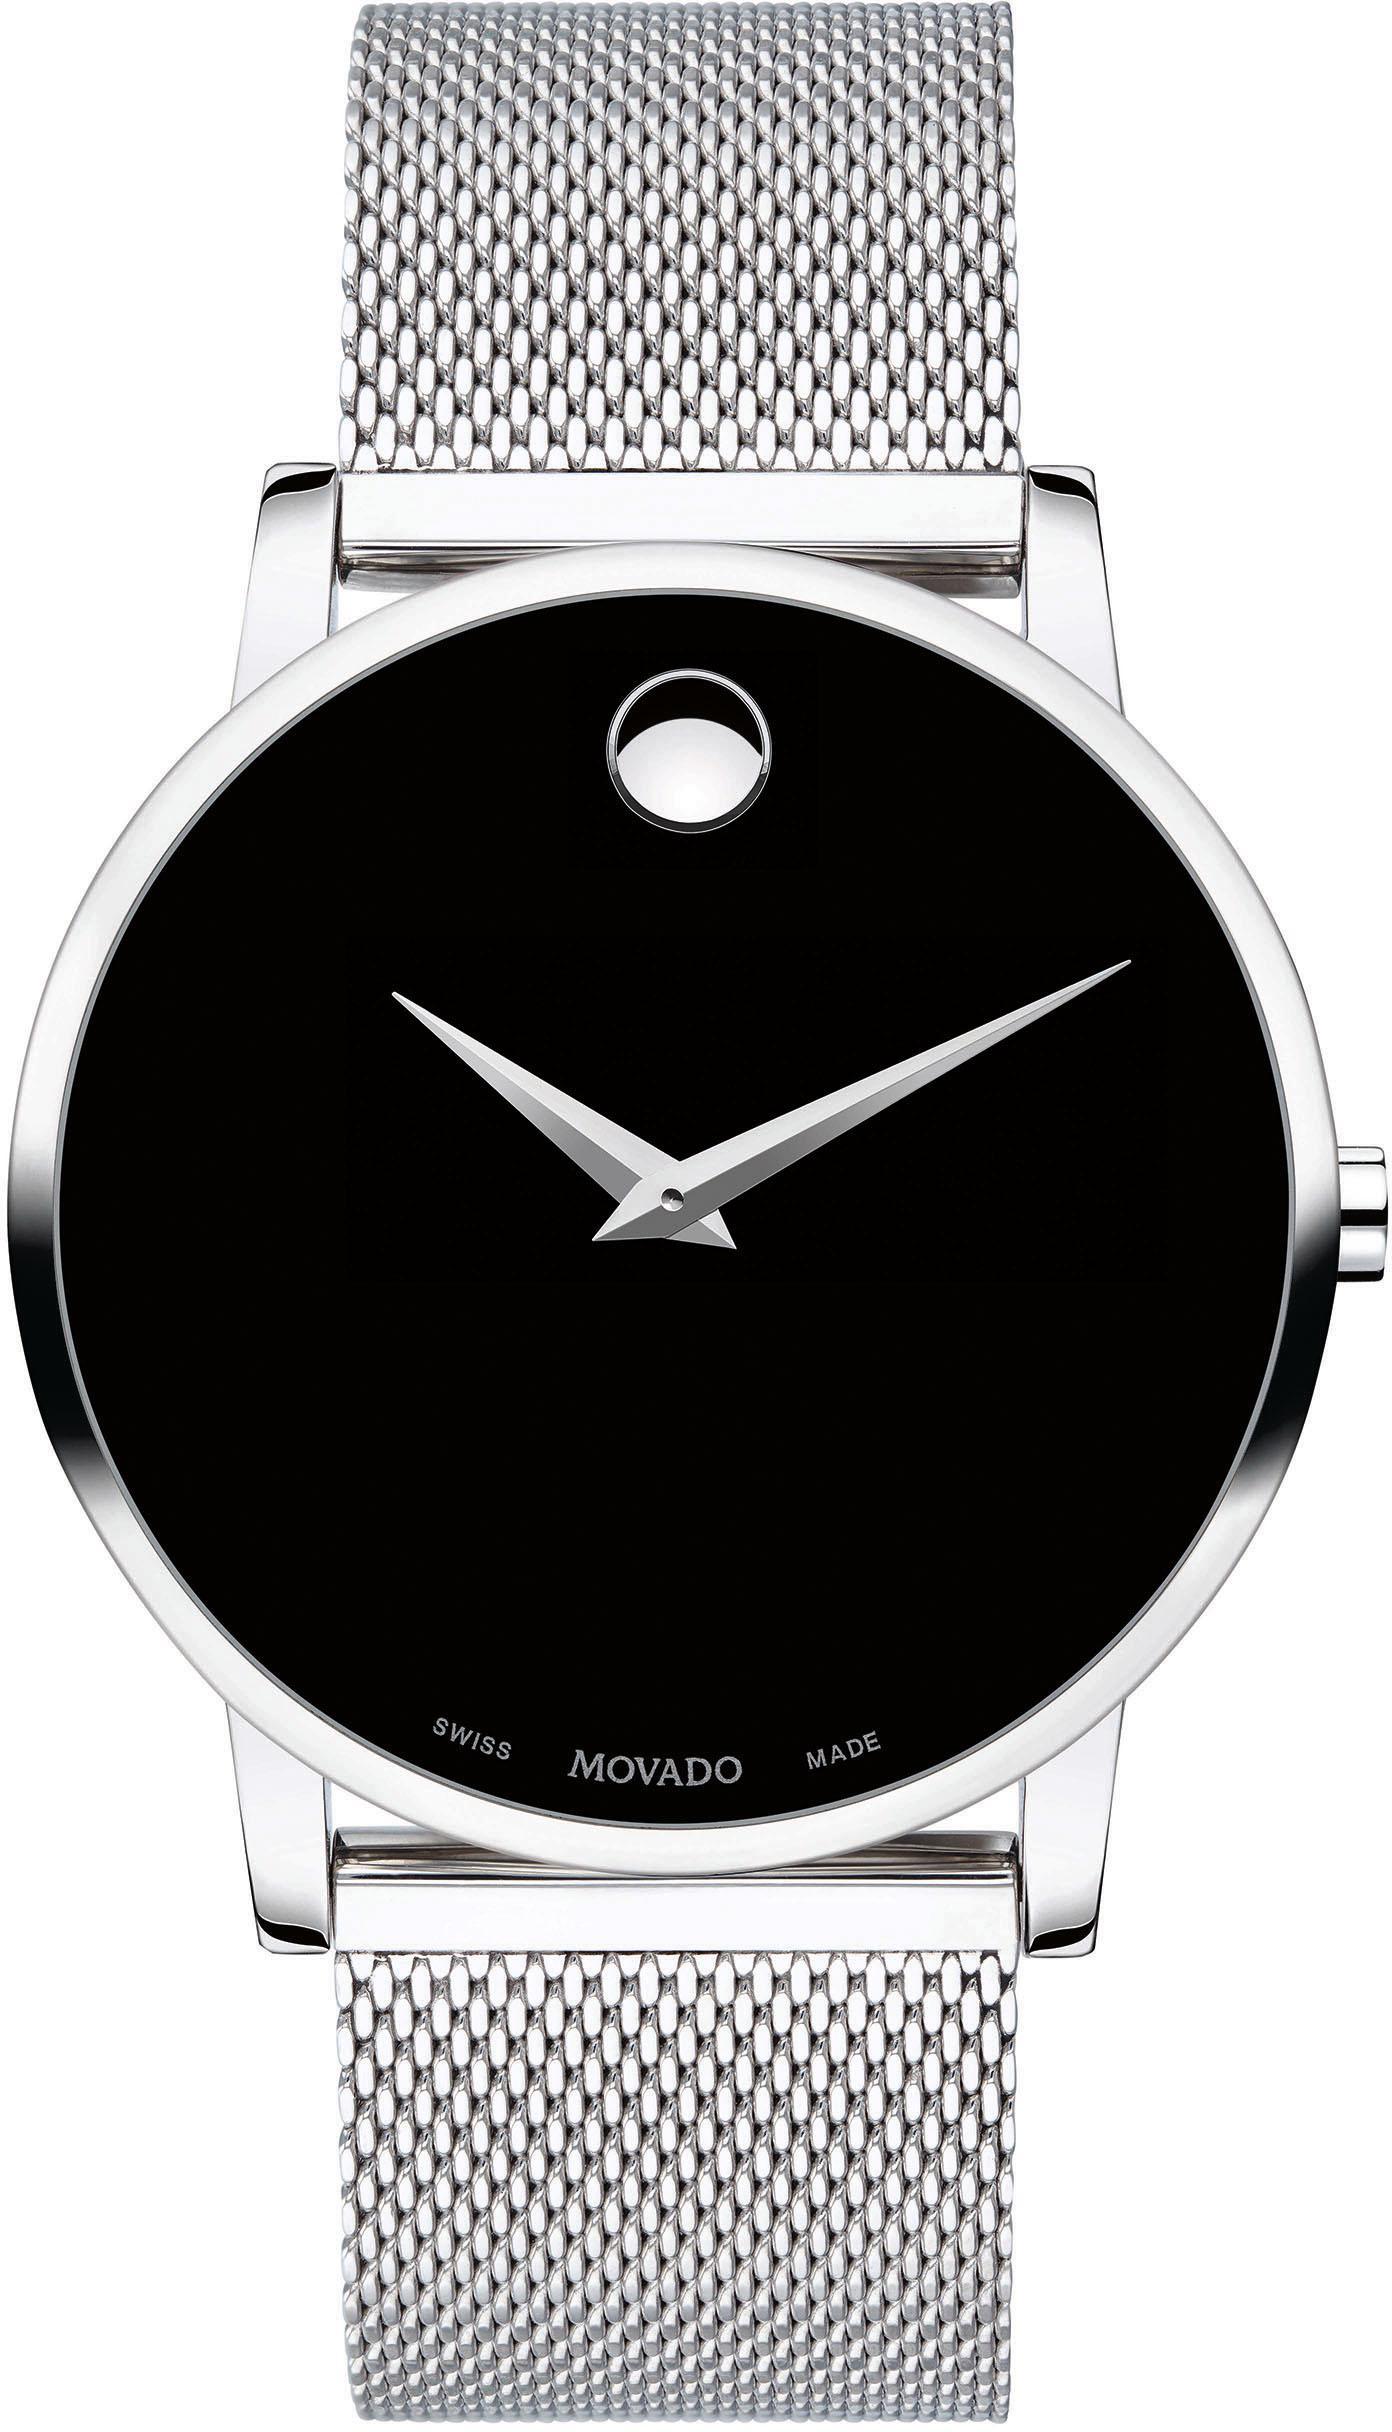 MOVADO Schweizer Uhr »MUSEUM, 607219« | Uhren > Schweizer Uhren | MOVADO